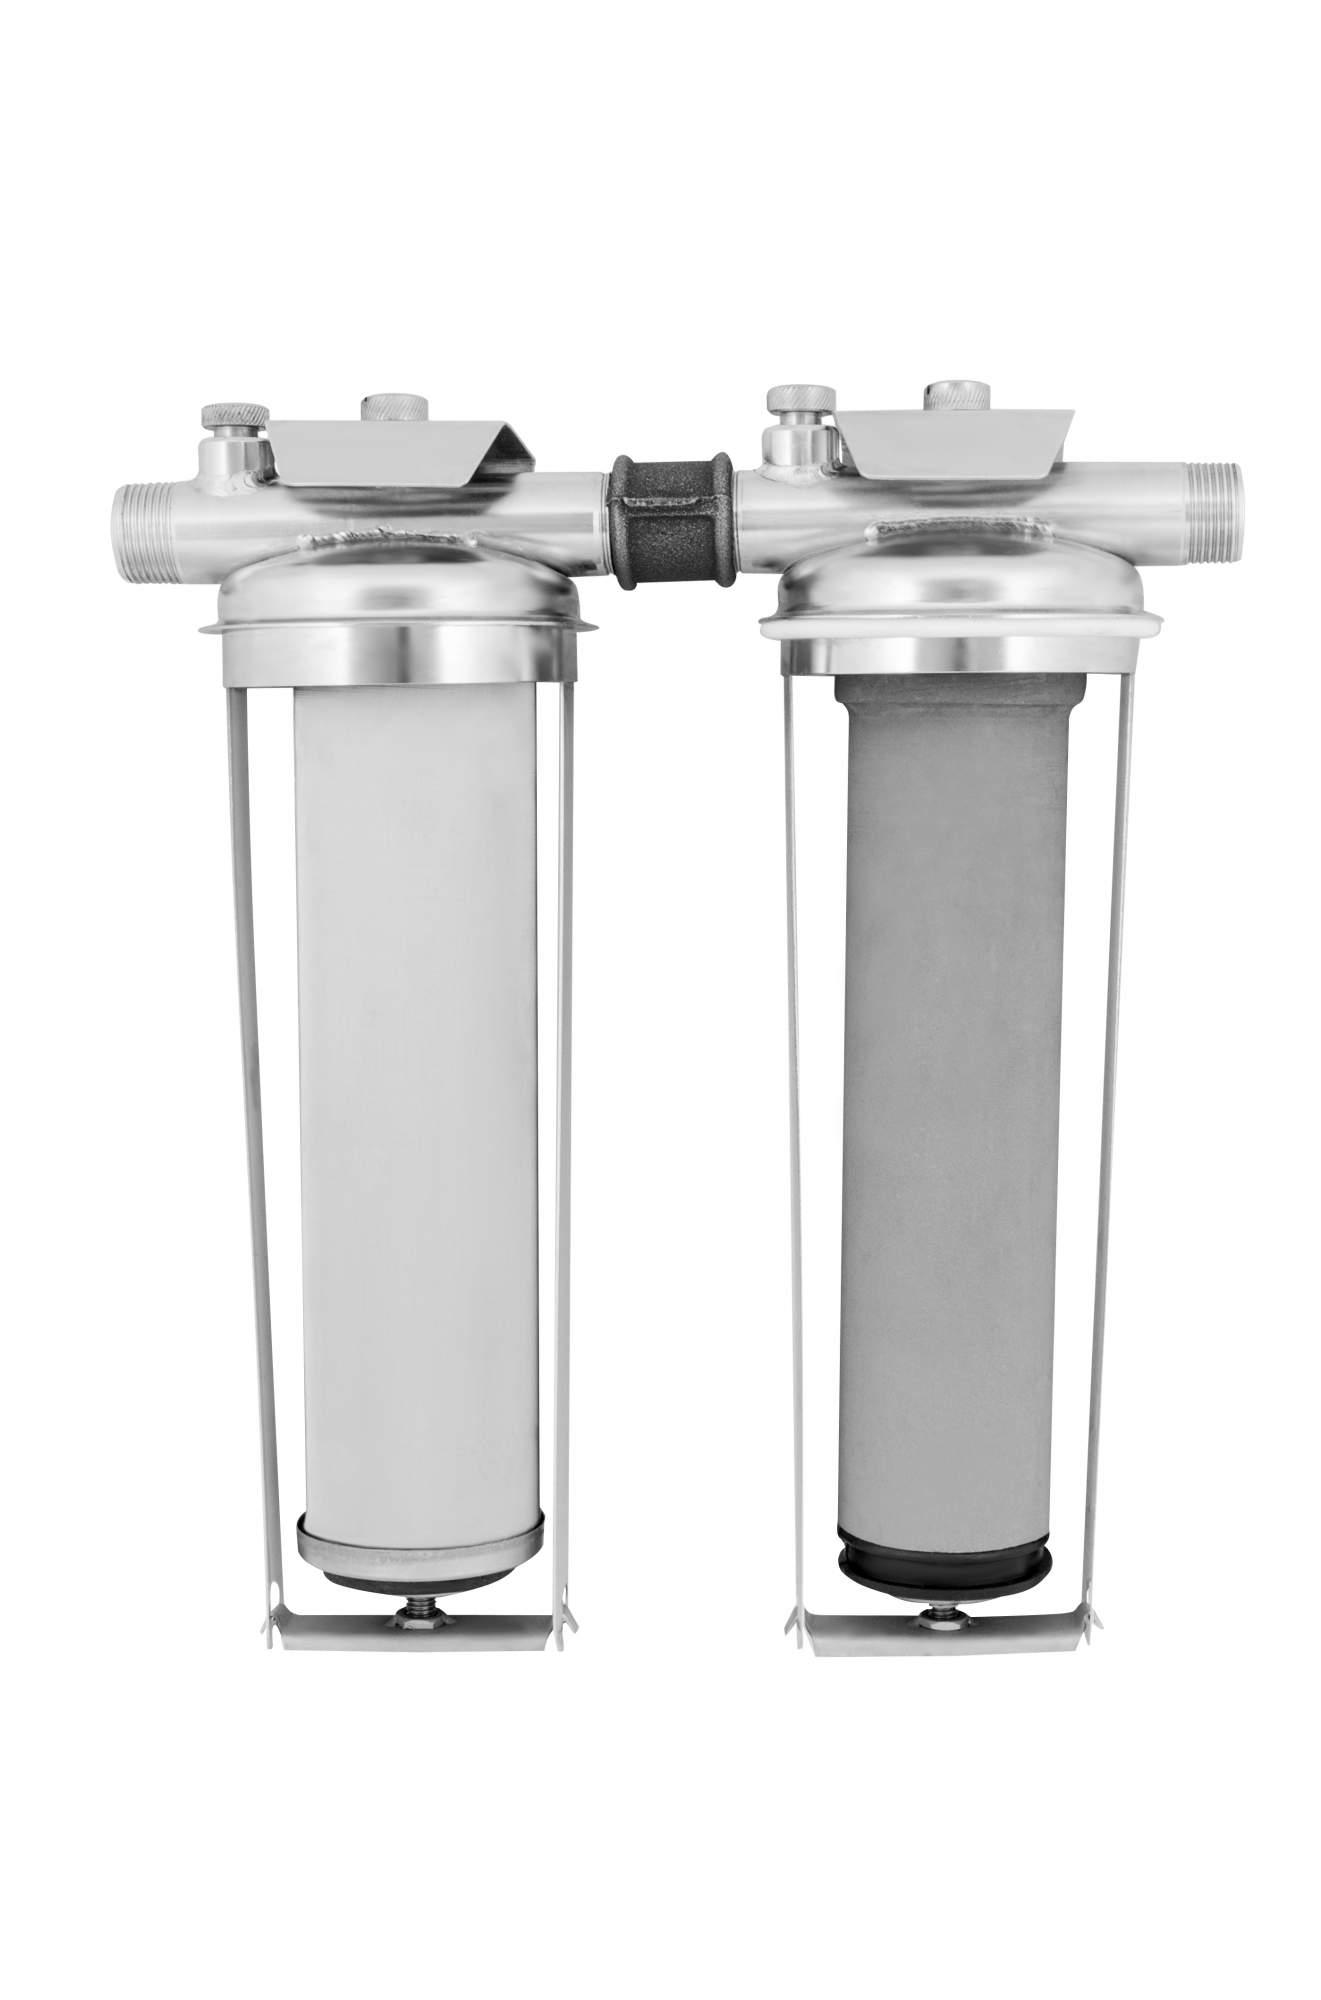 Титановые фильтры для очистки воды titanof — миф или реальность (отзывы)